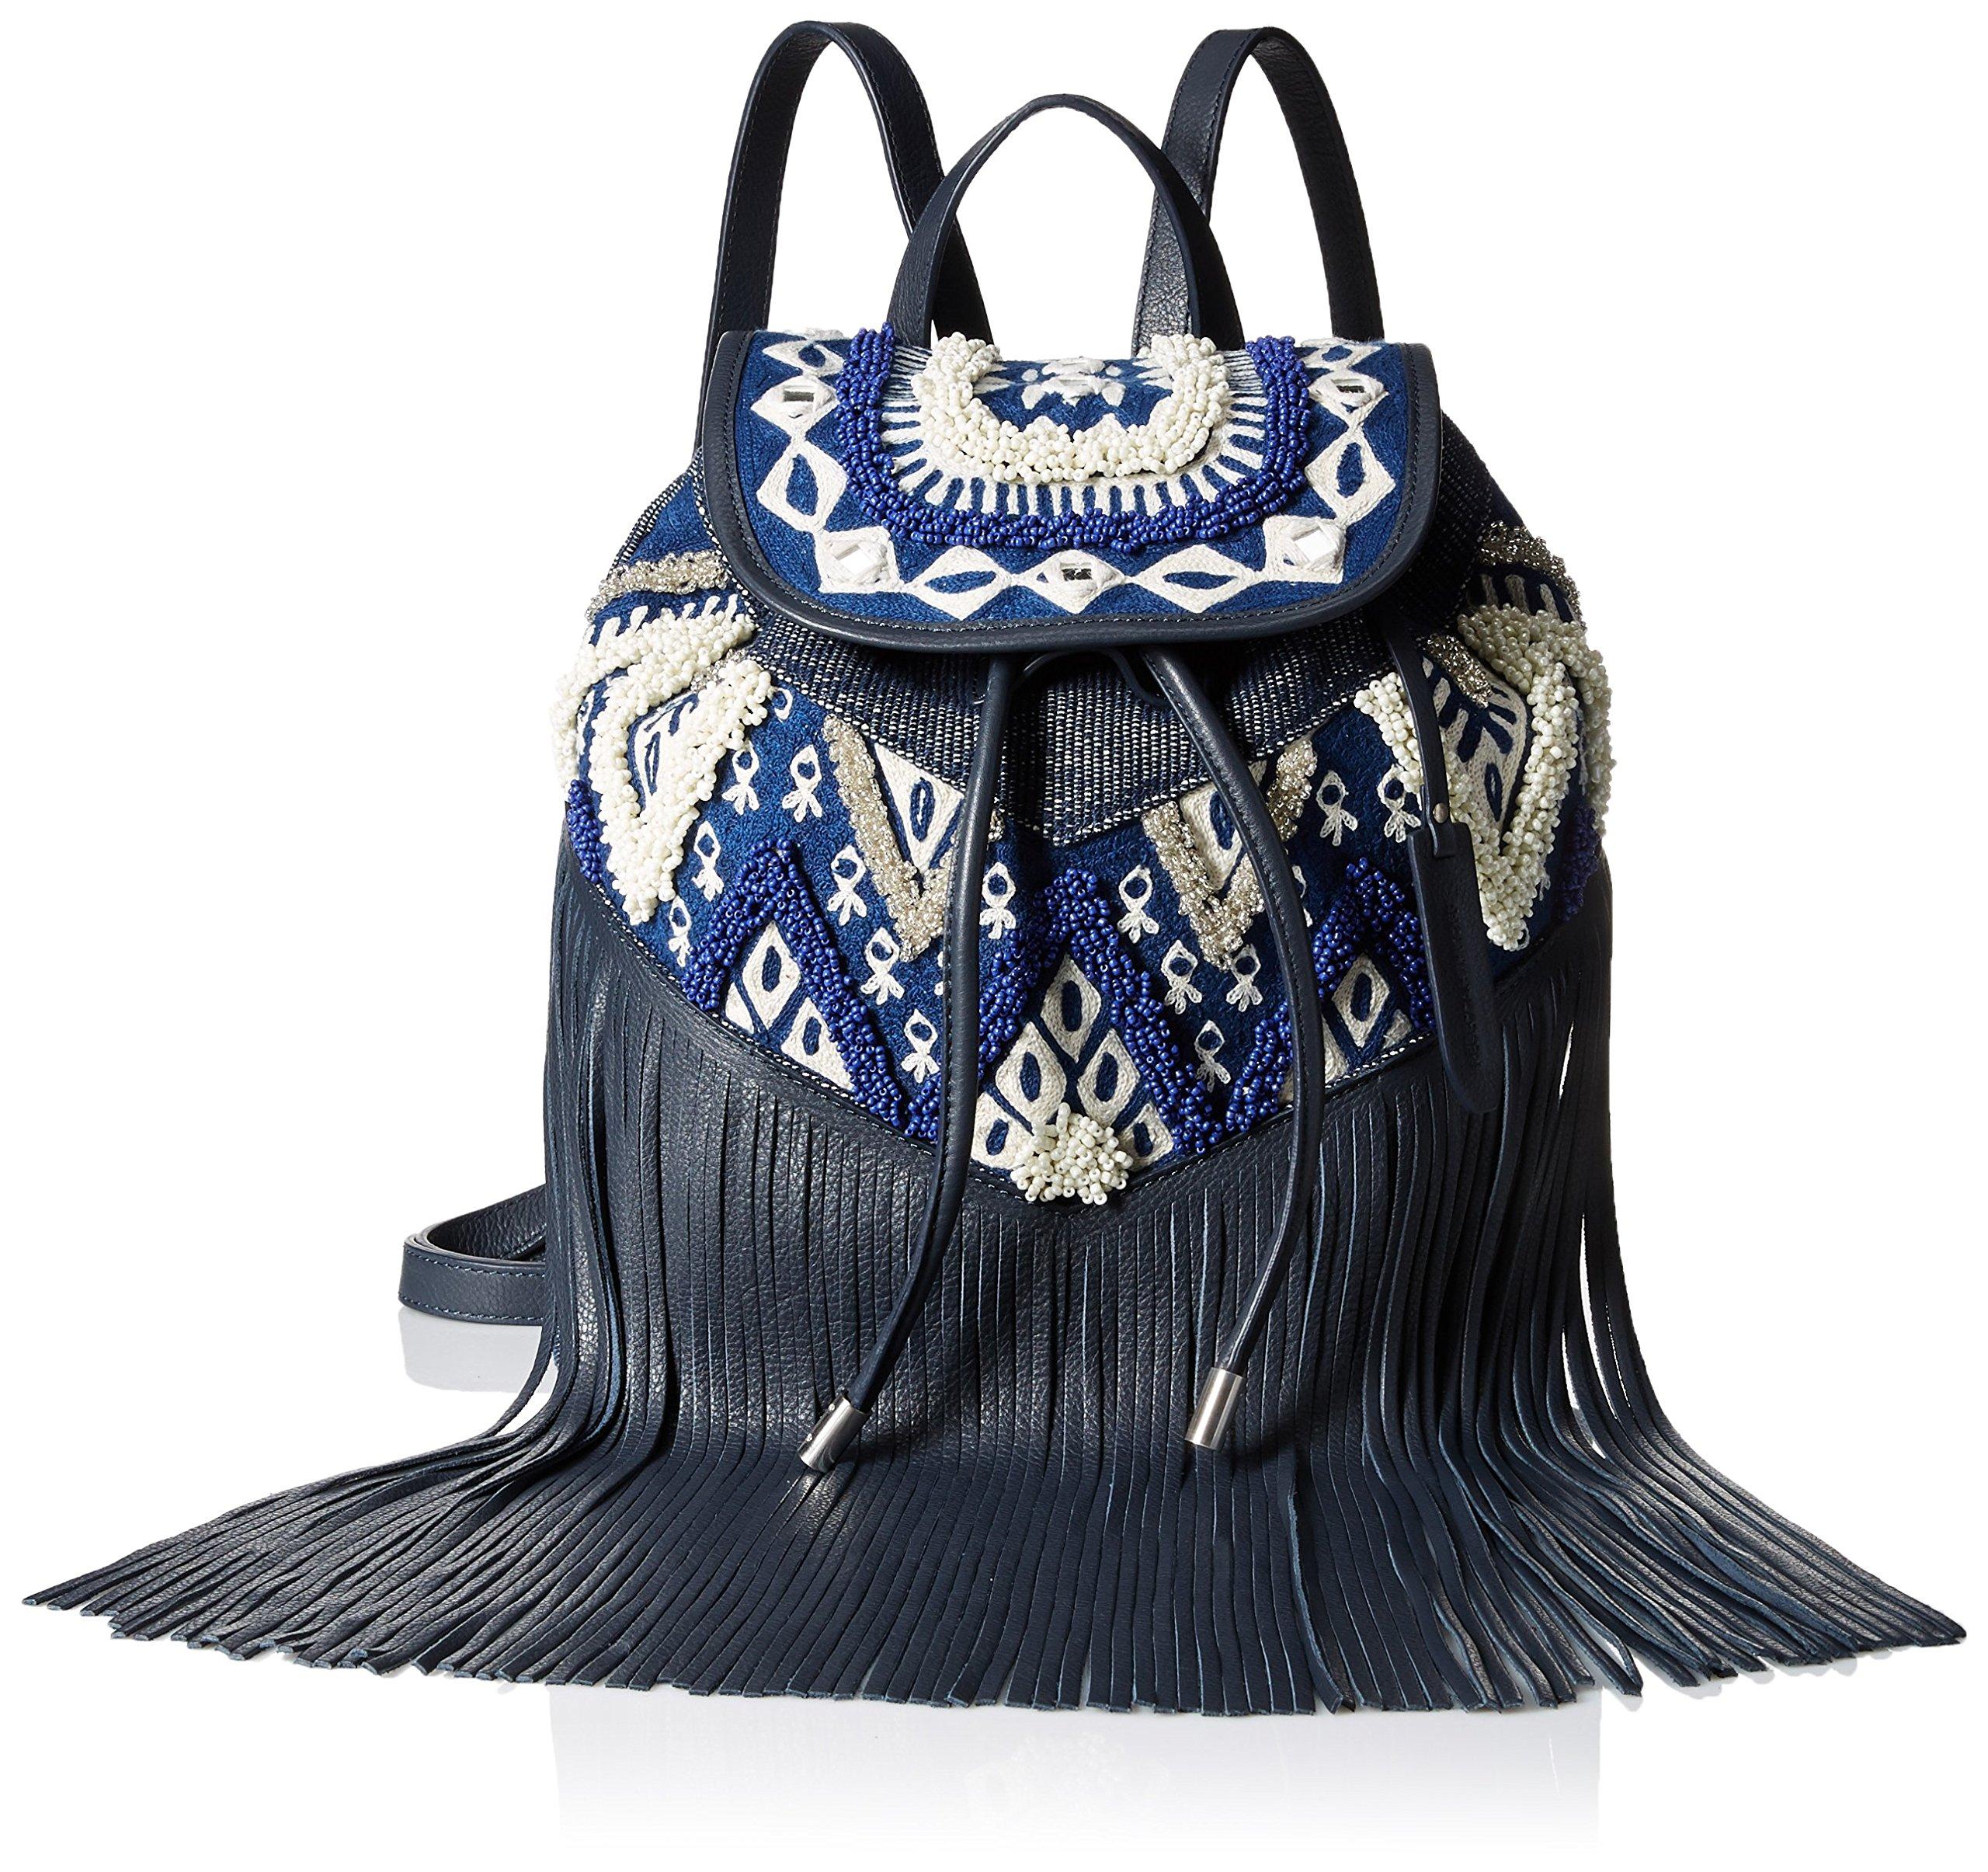 Rebecca Minkoff Mumbai Fringe Back pack, Navy Blue/White/Multi, One Size